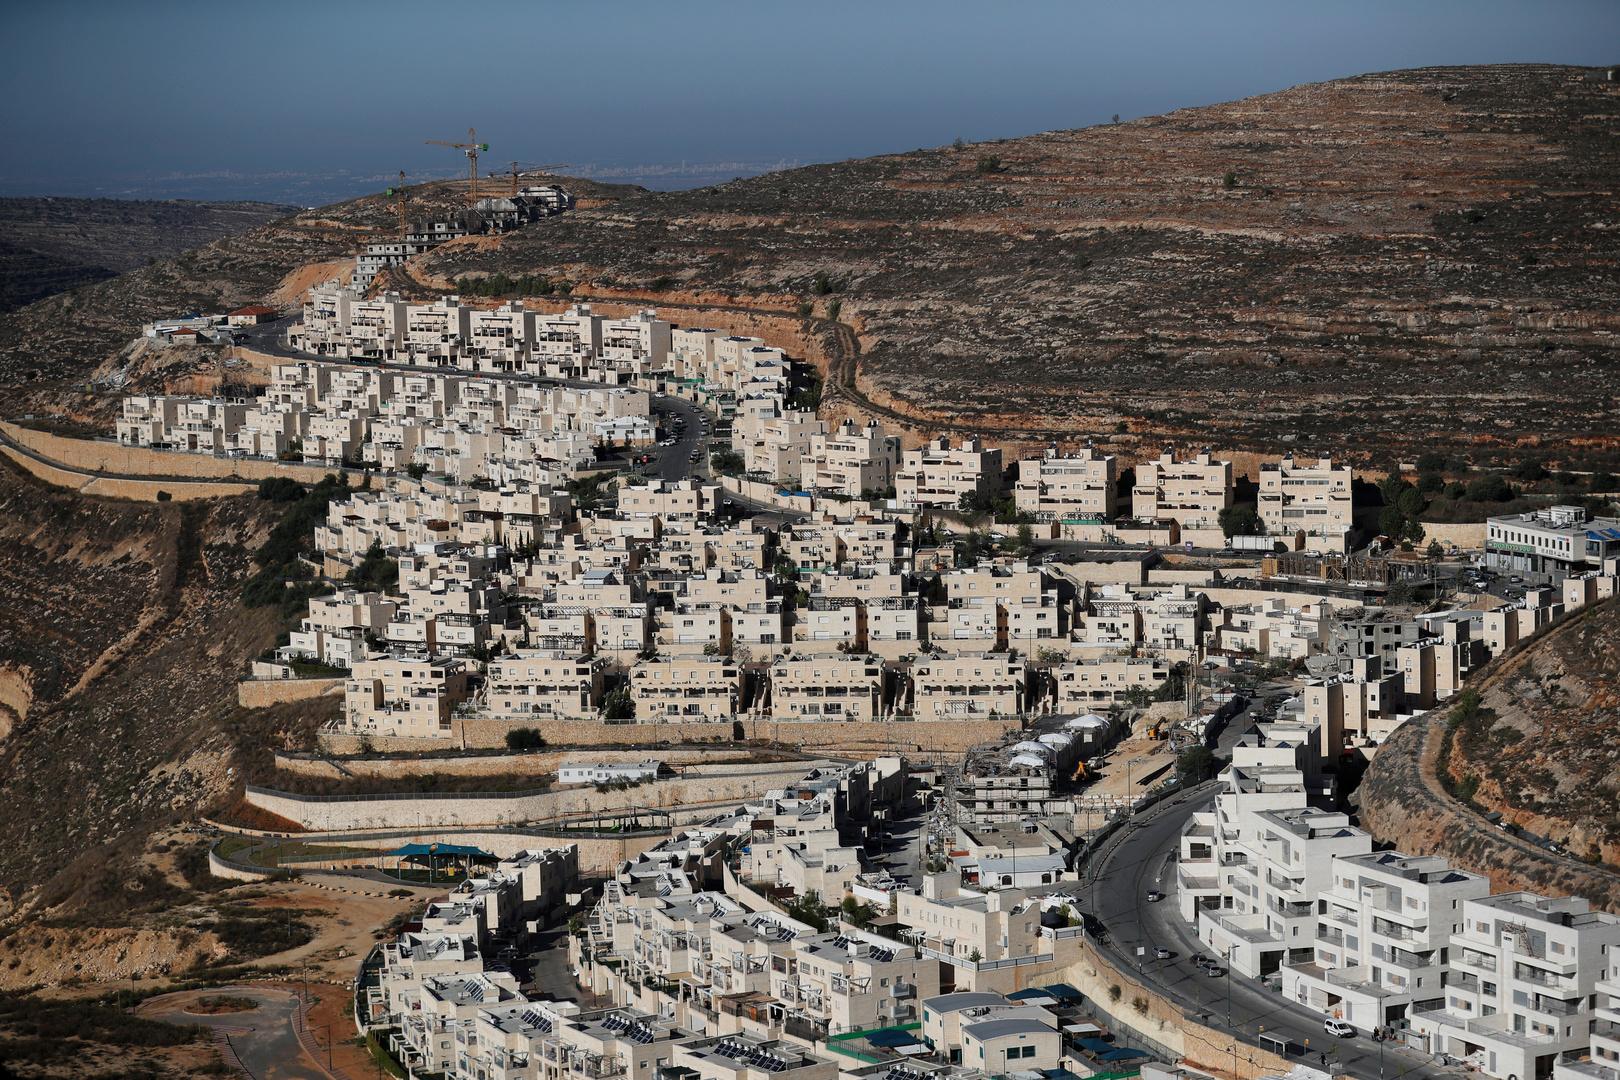 مستوطنة إسرائيلية بالضفة الغربية المحتلة